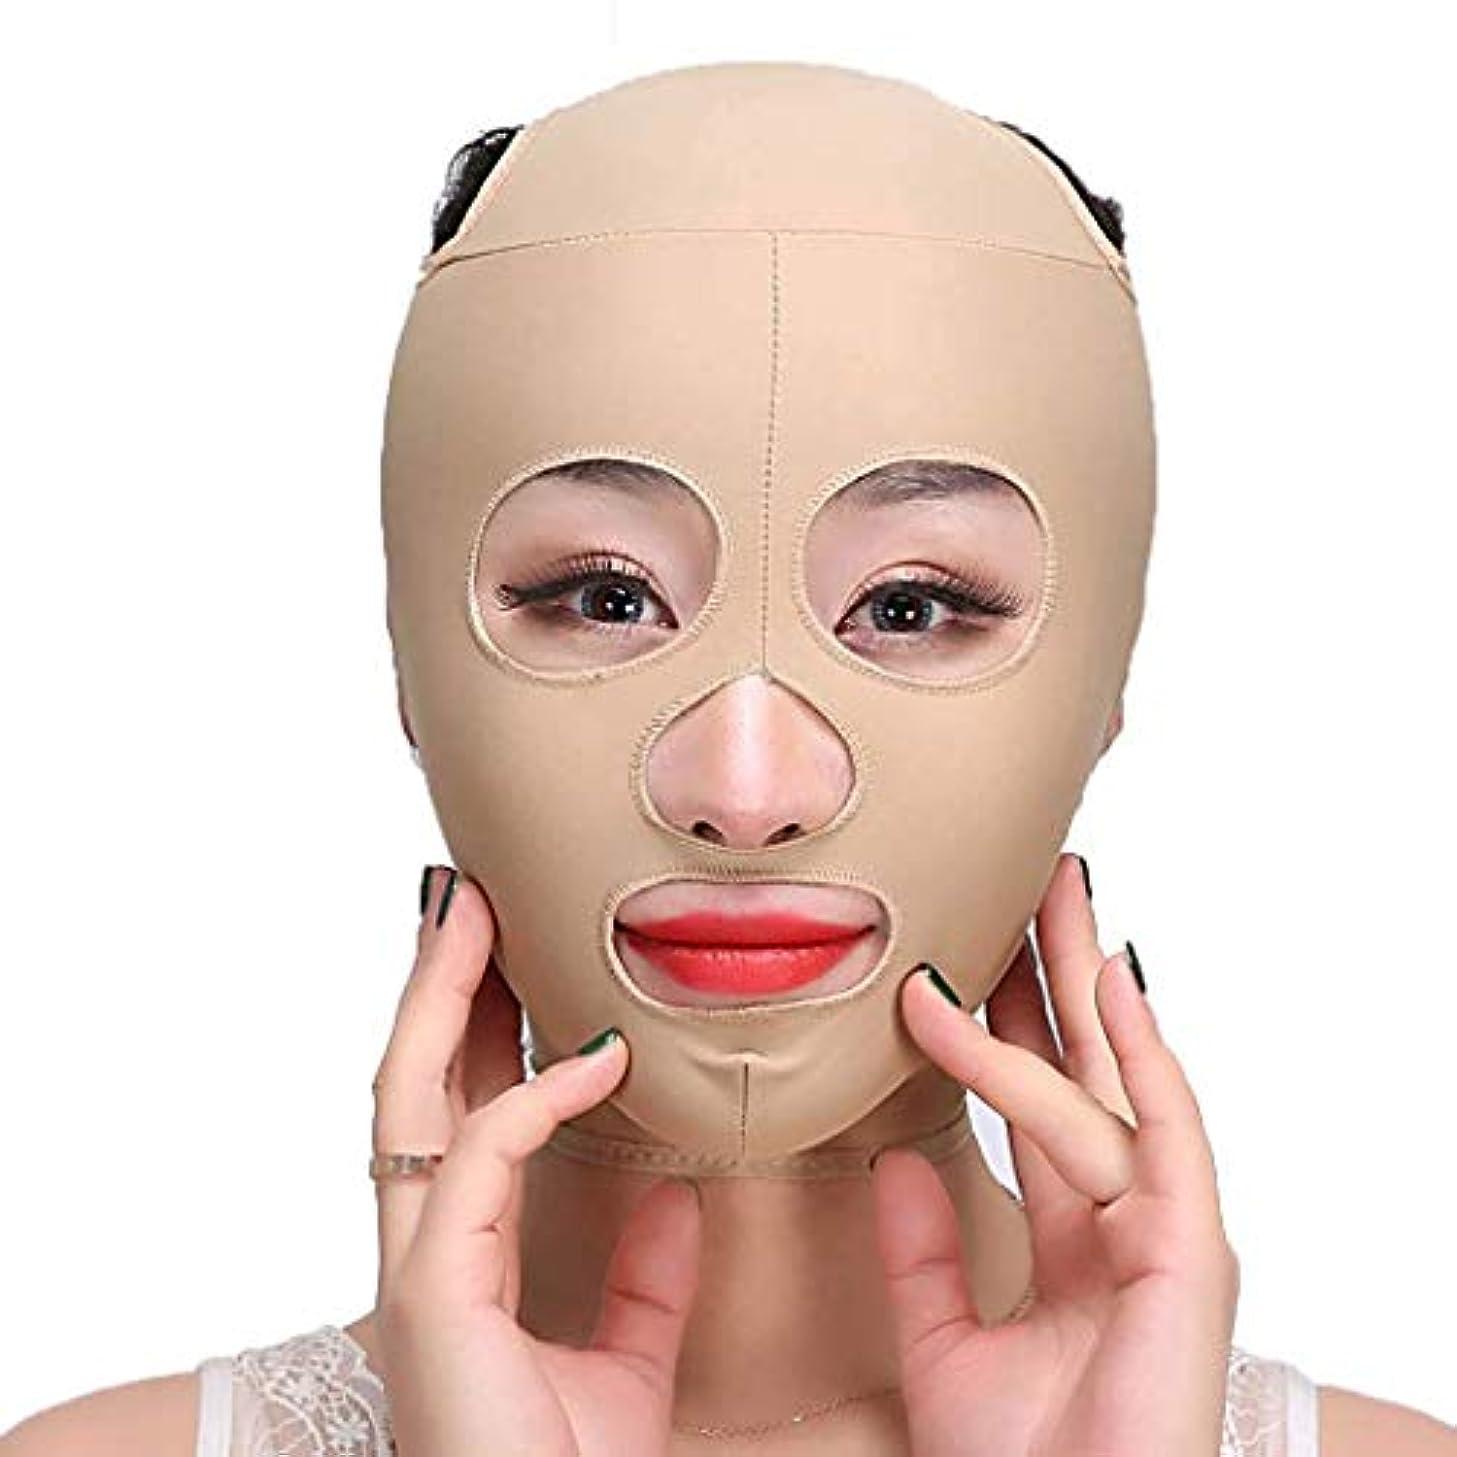 追うガロン記録痩身ベルト、フェイスマスクシンフェイス機器リフティング引き締めVフェイス男性と女性フェイスリフティングステッカーダブルチンフェイスリフティングフェイスマスク包帯フェイシャルマッサージ(サイズ:M)